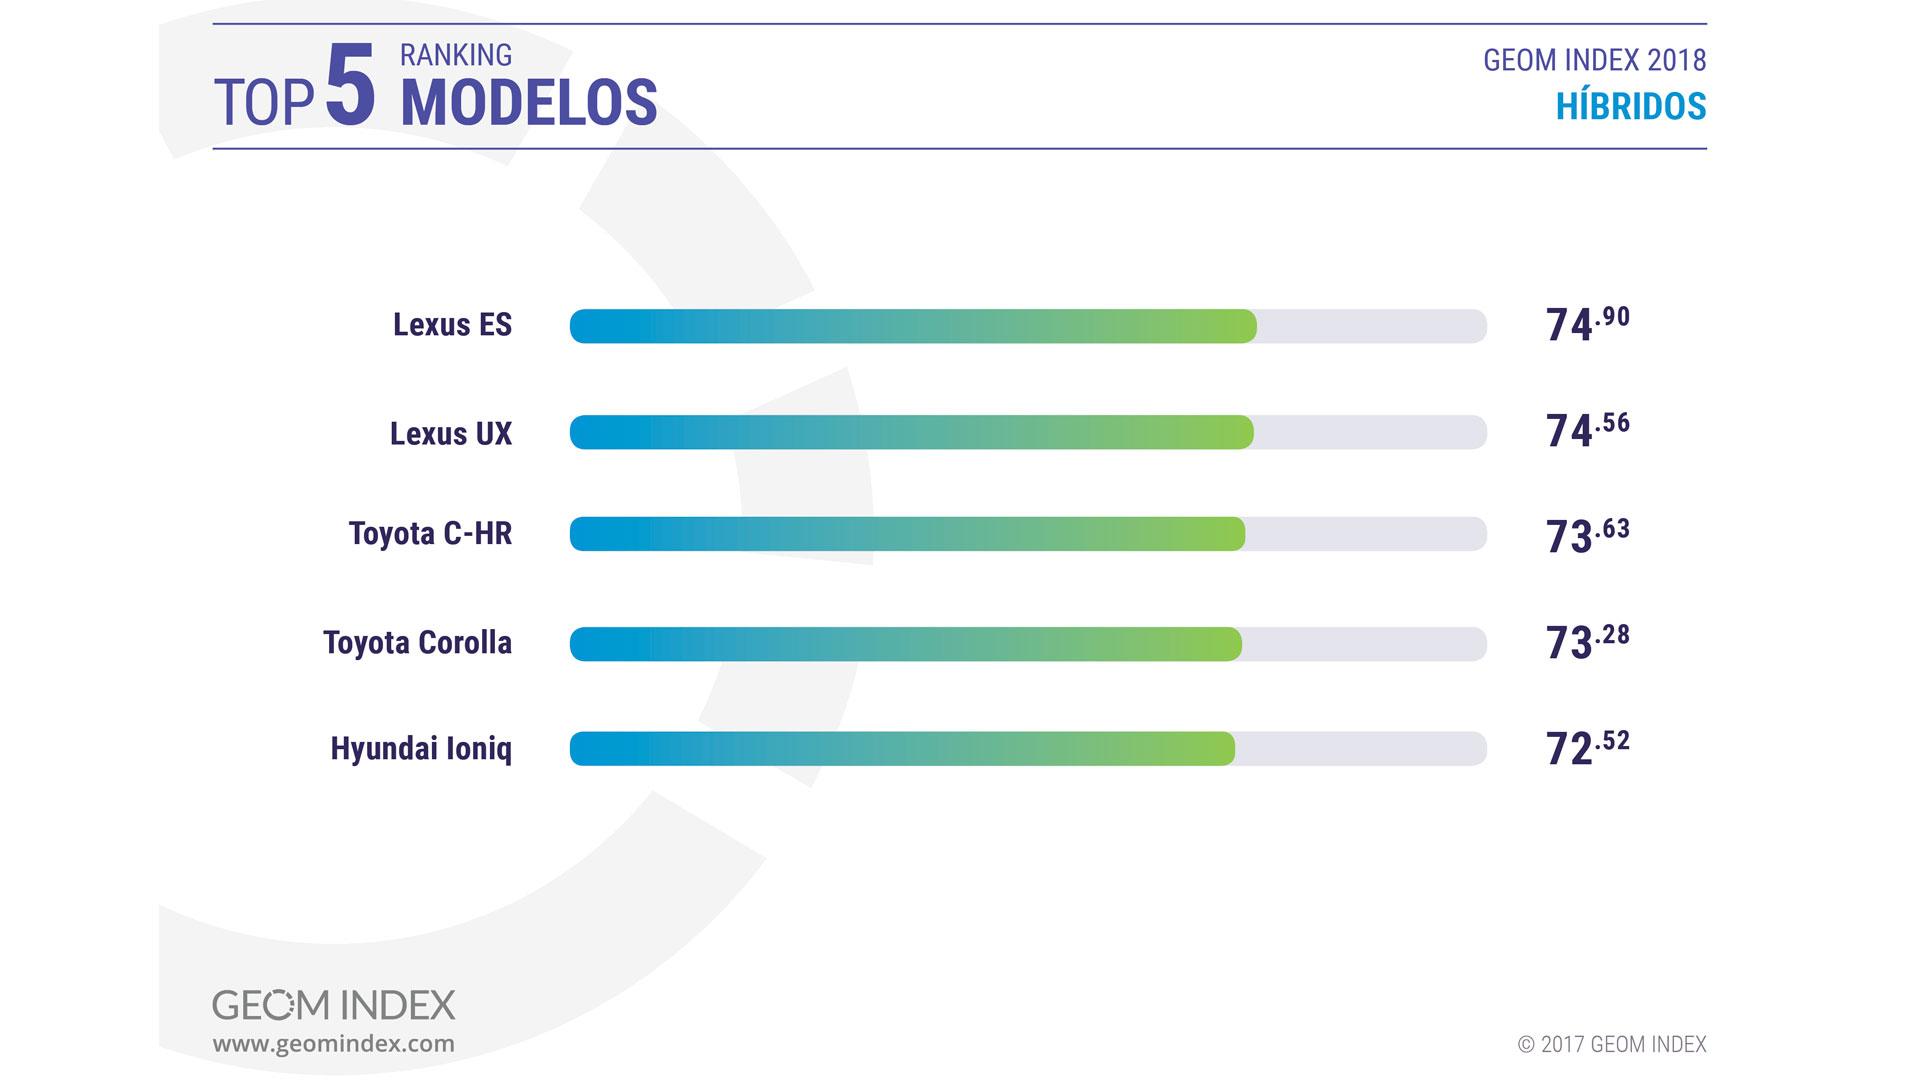 Imagen del gráfico de híbridos convencionales mejor valorados por GEOM Index